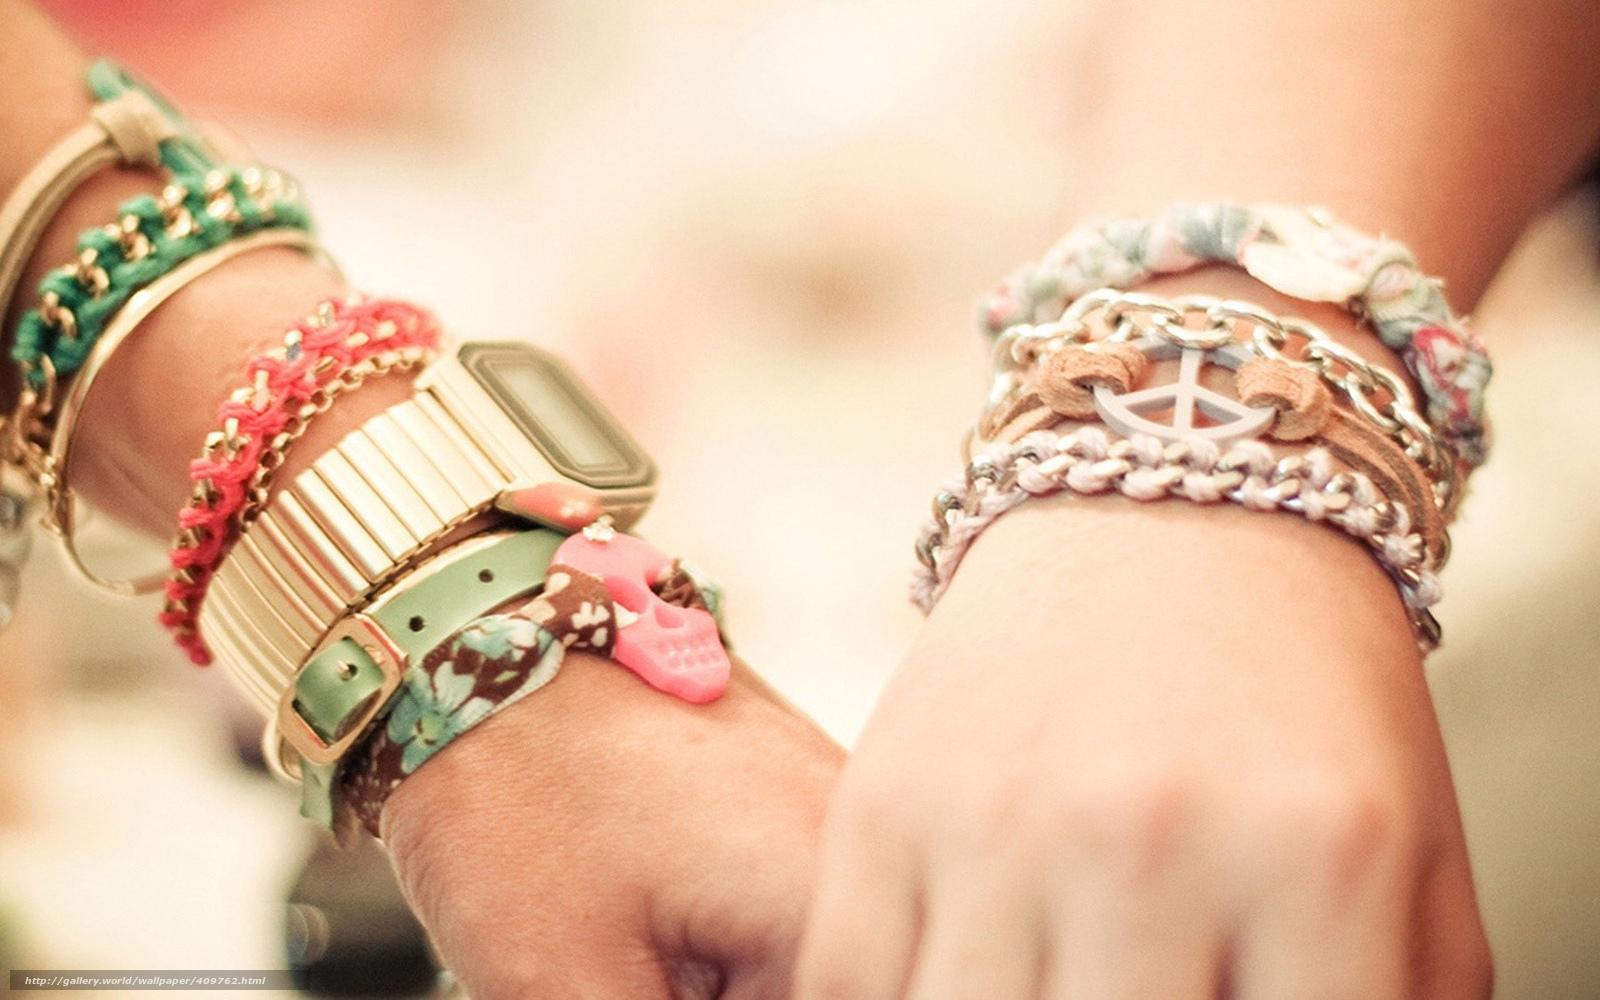 Картинки руки, парень, девушка, браслеты, часы, пейзаж №409762